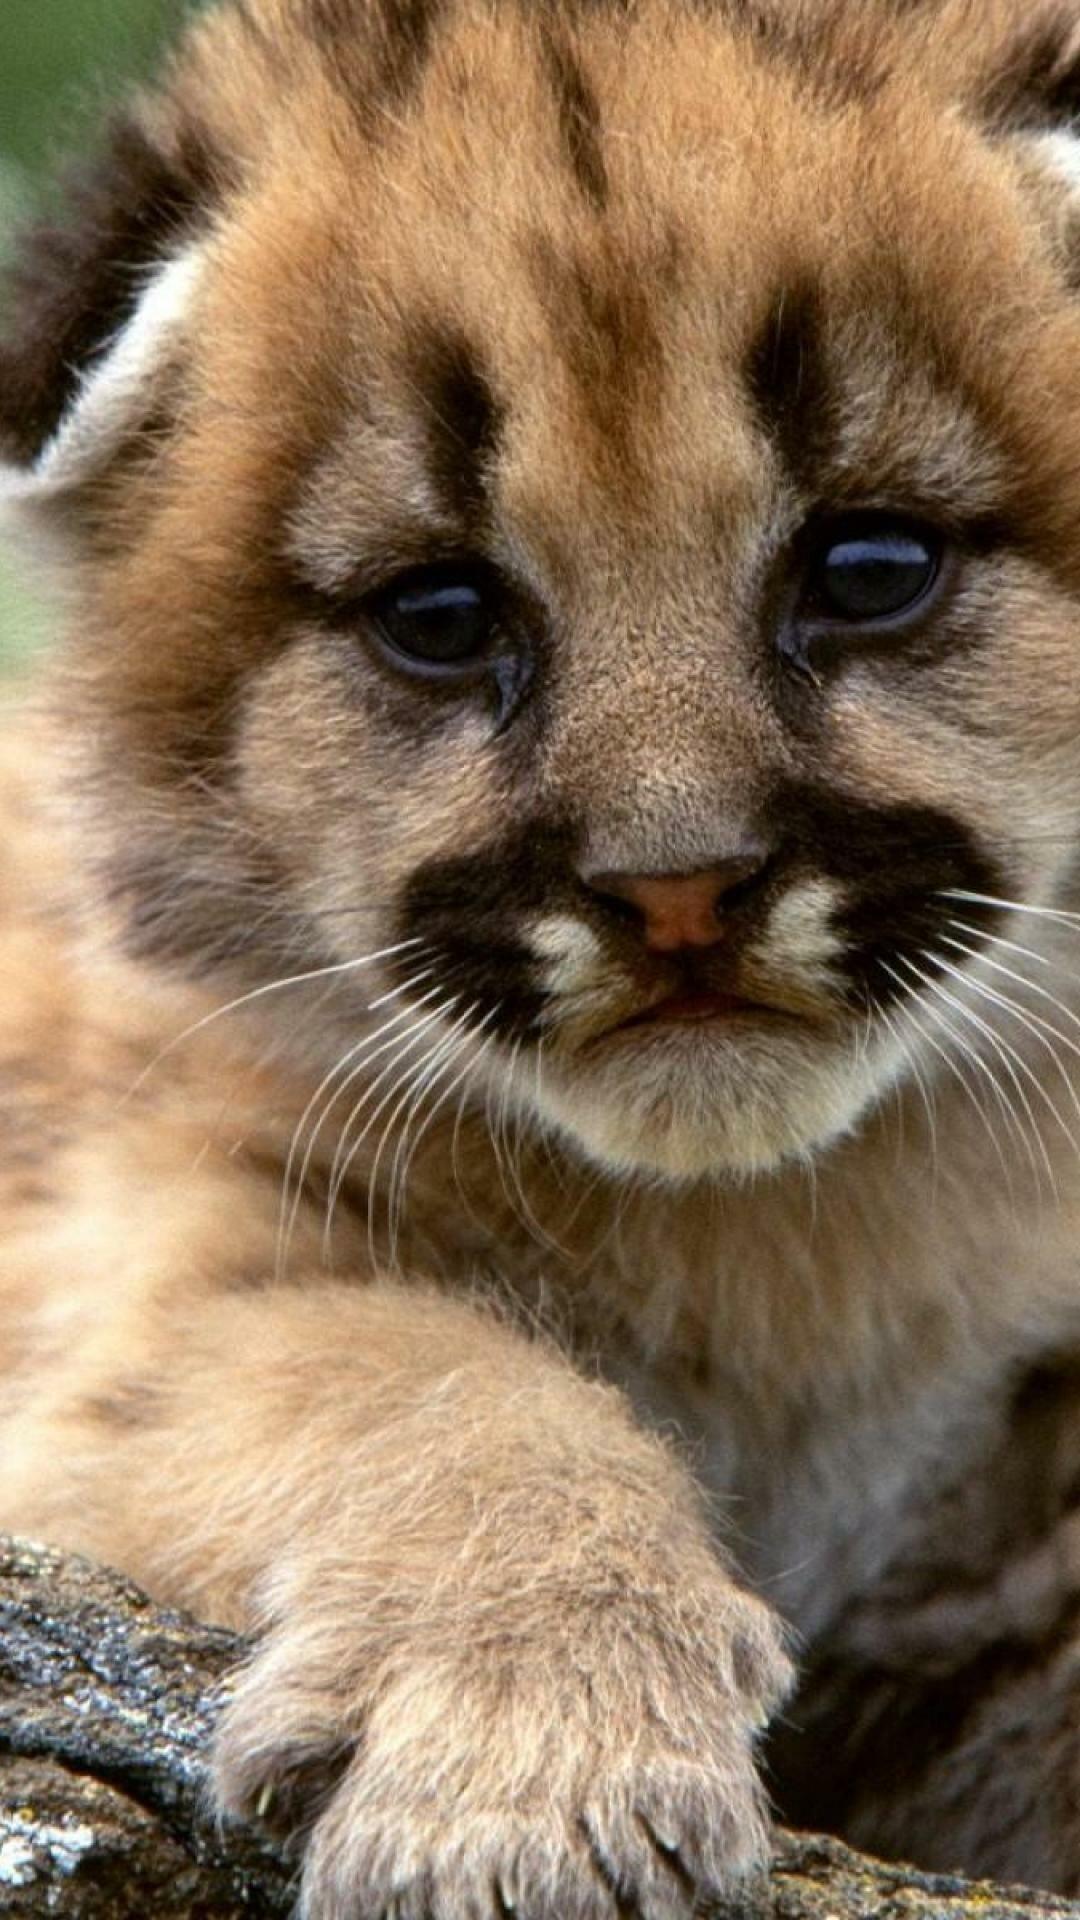 Cute Lion Cub Wallpaper 43567 Card From User Galitskayaelen In